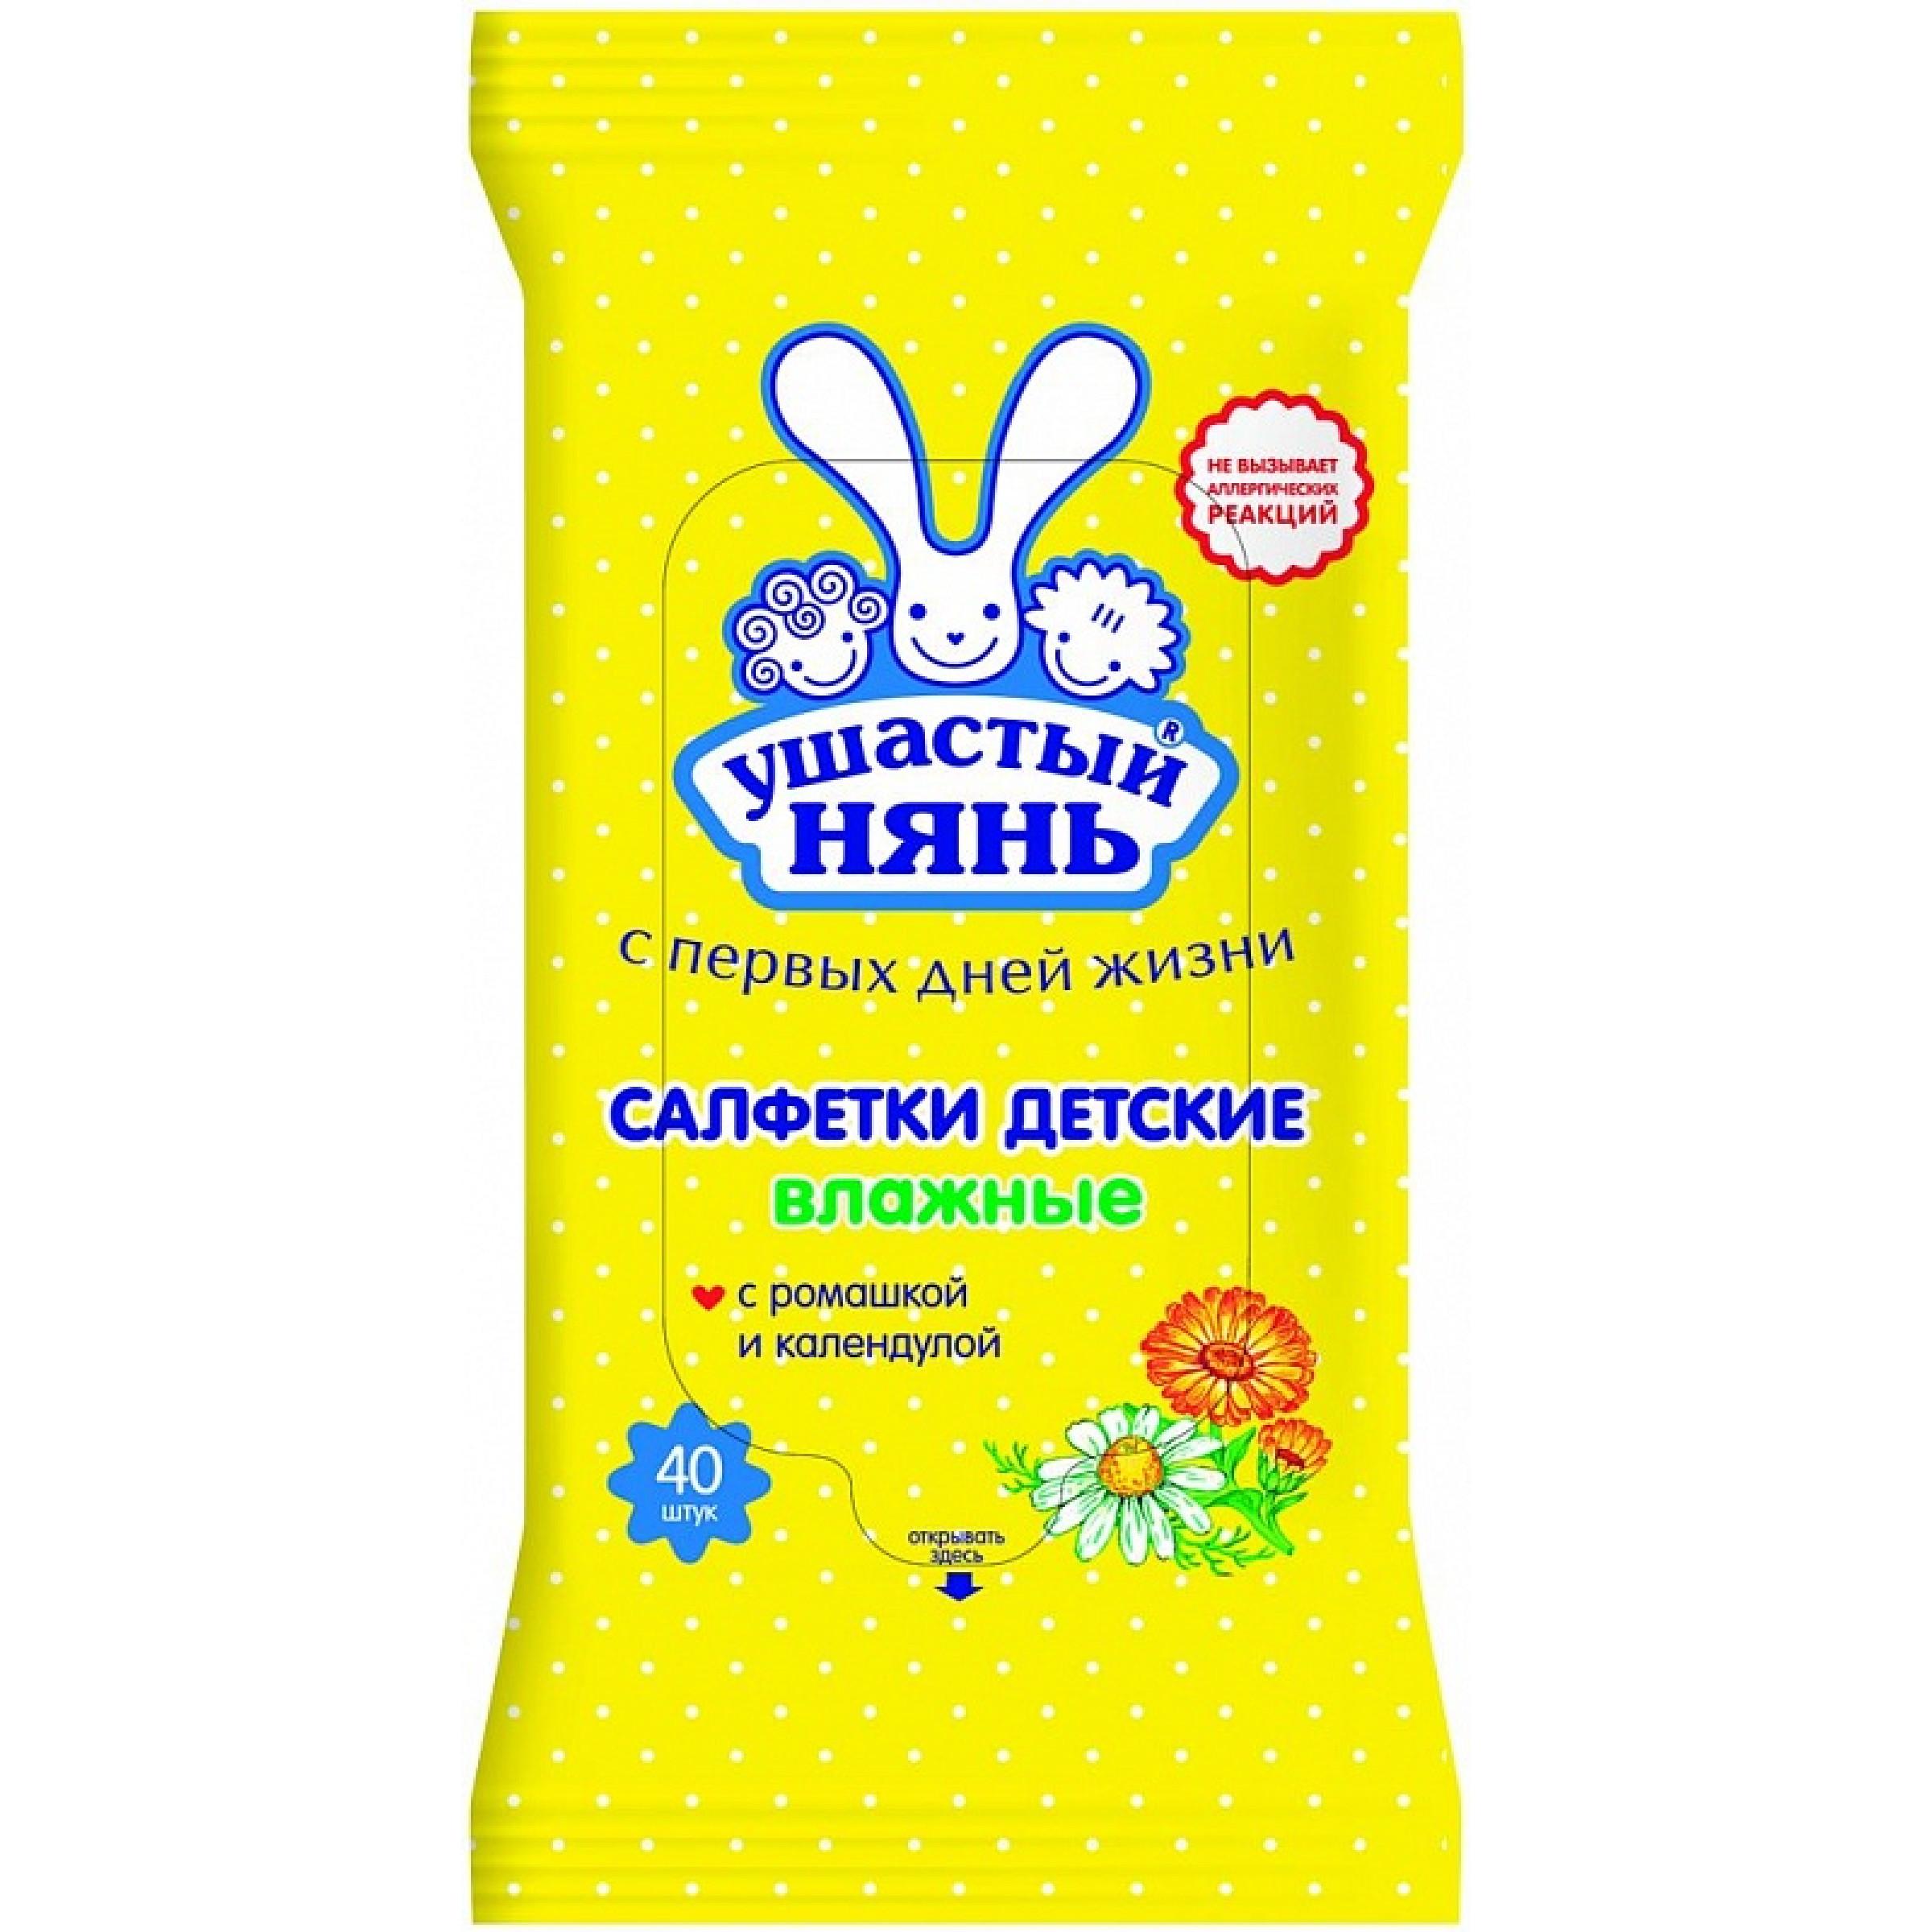 Салфетки детские «Ушастый нянь» очищающие влажные, 40 штук